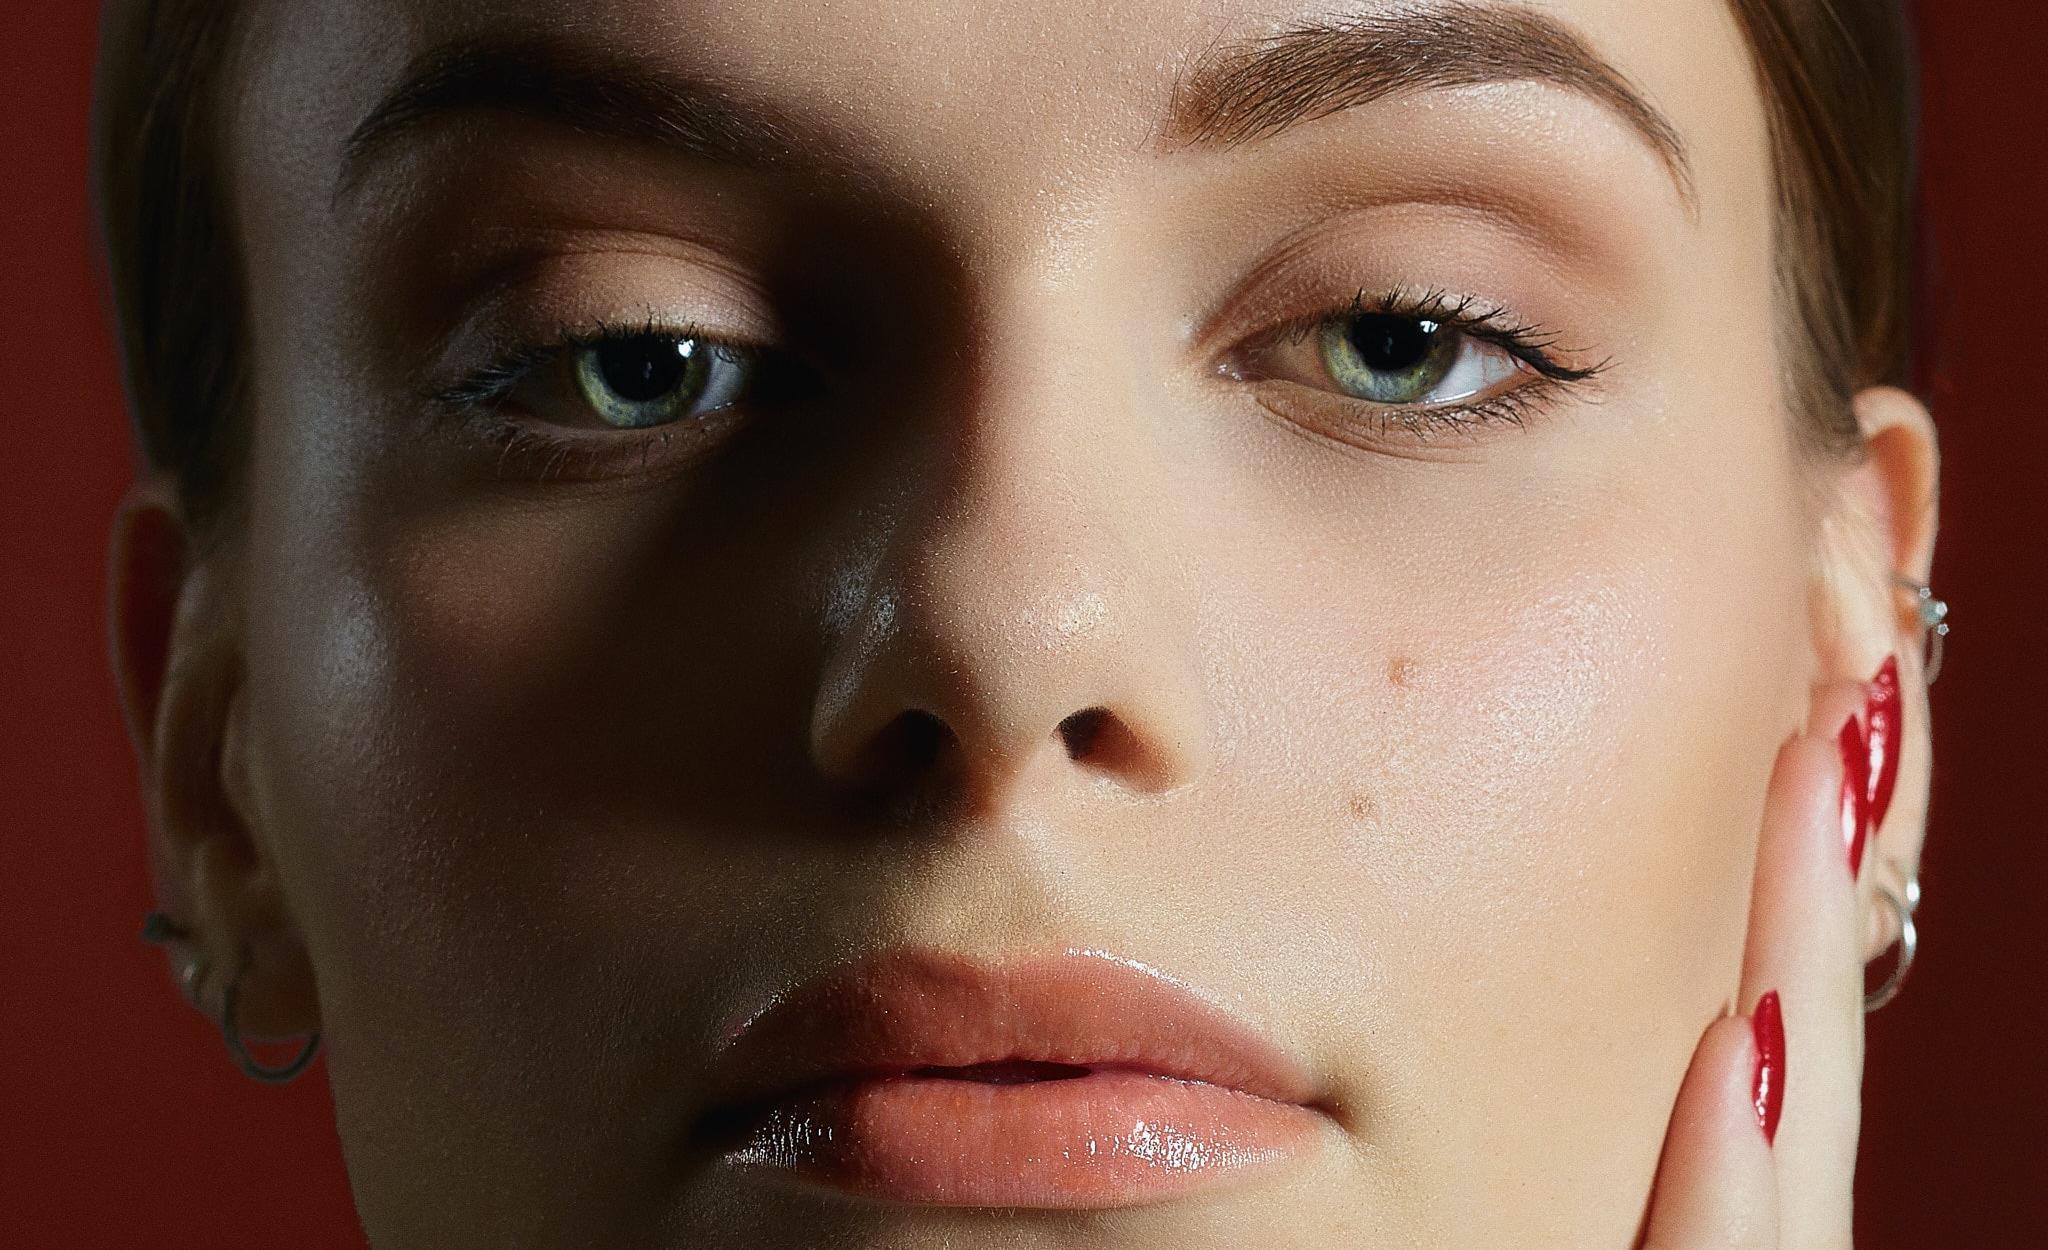 肌のくすみを徹底調査!5つの原因と改善方法まとめ